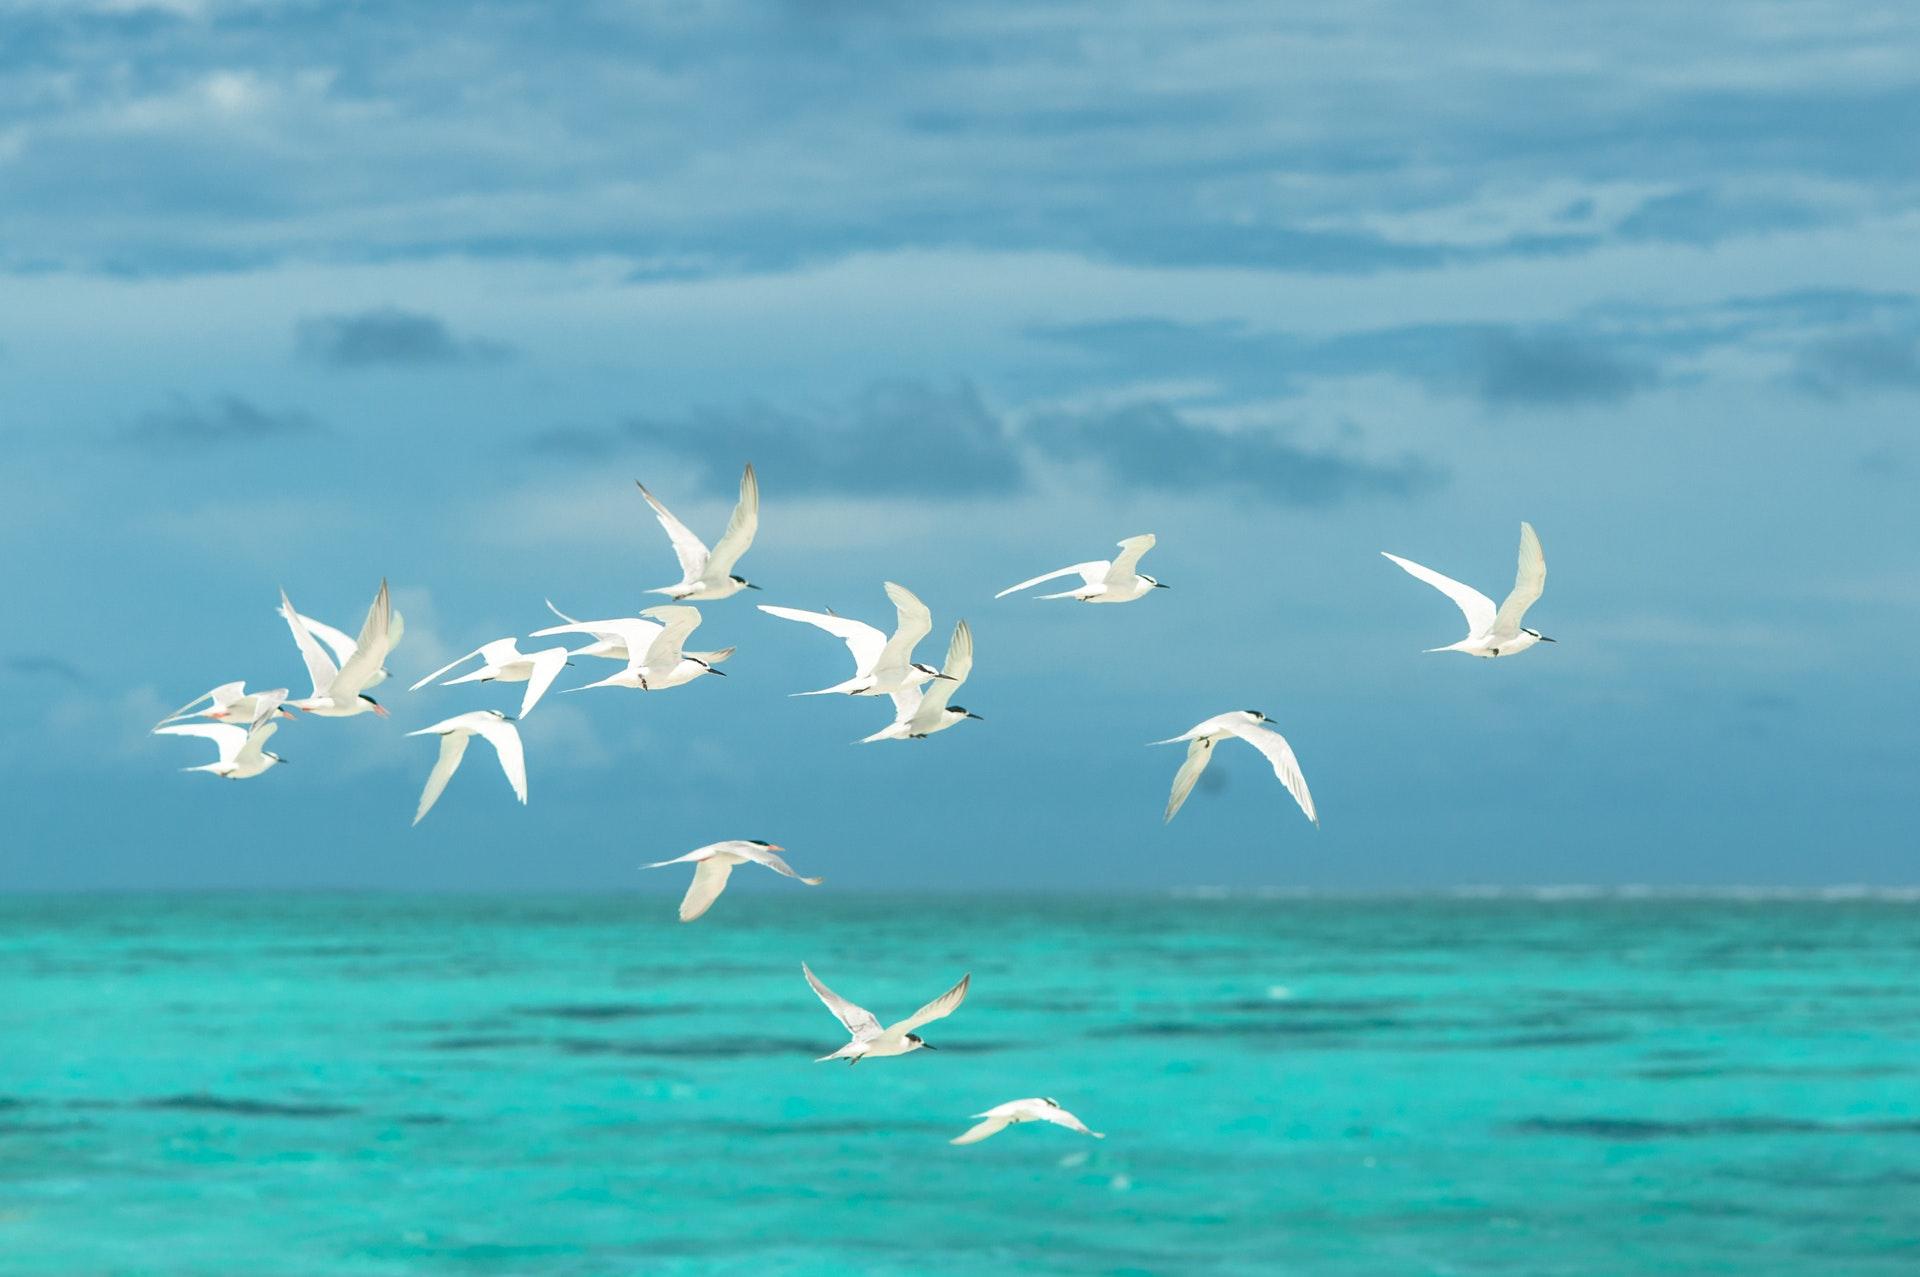 Sonhar com gaivota é sinal de coisas positivas.